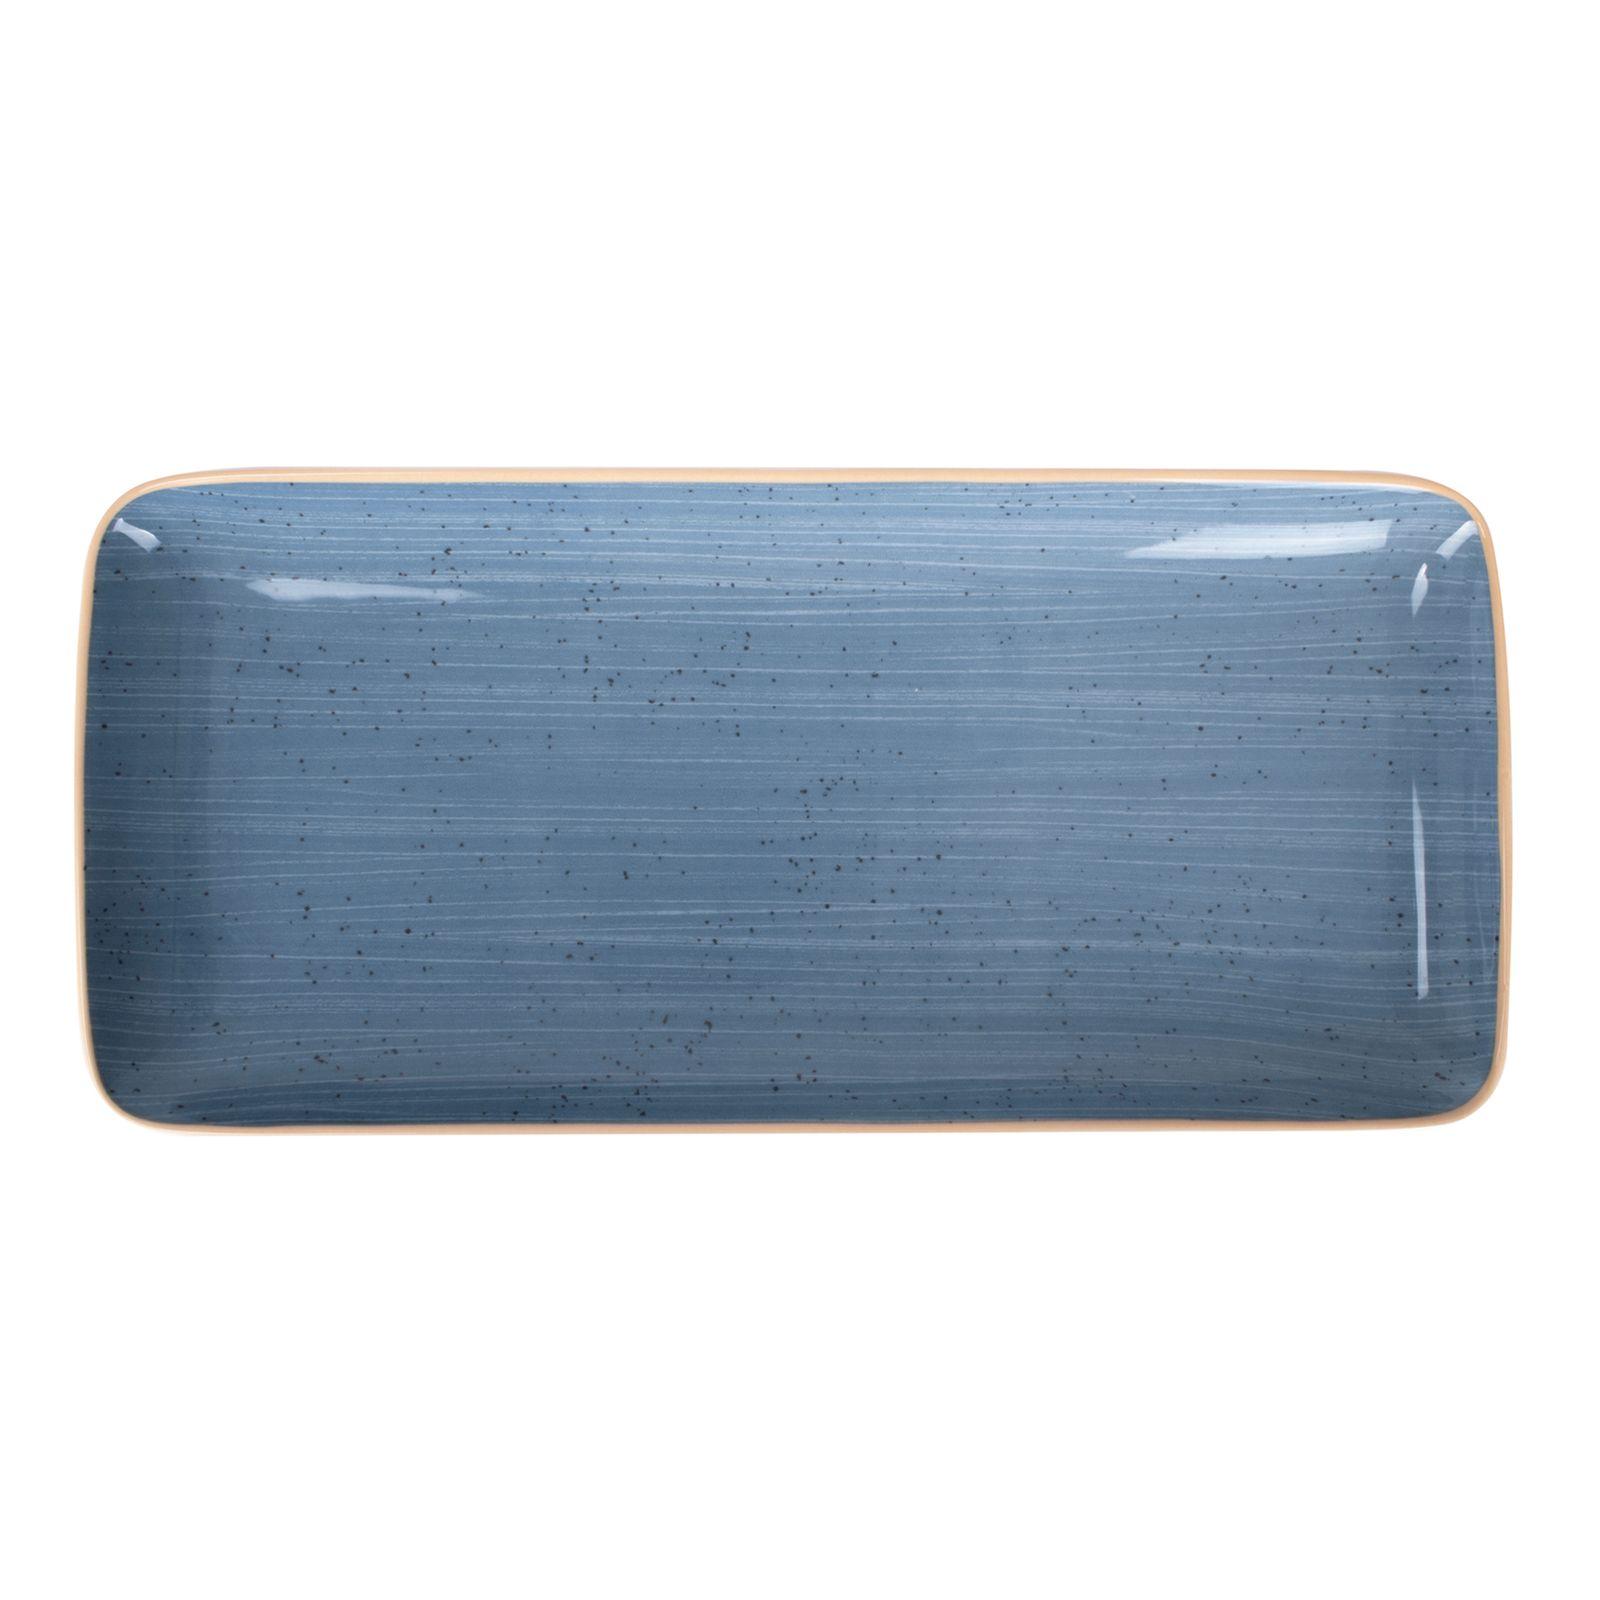 Plat rectangulaire Terra Blue 36 x 16,5 cm ARIANE